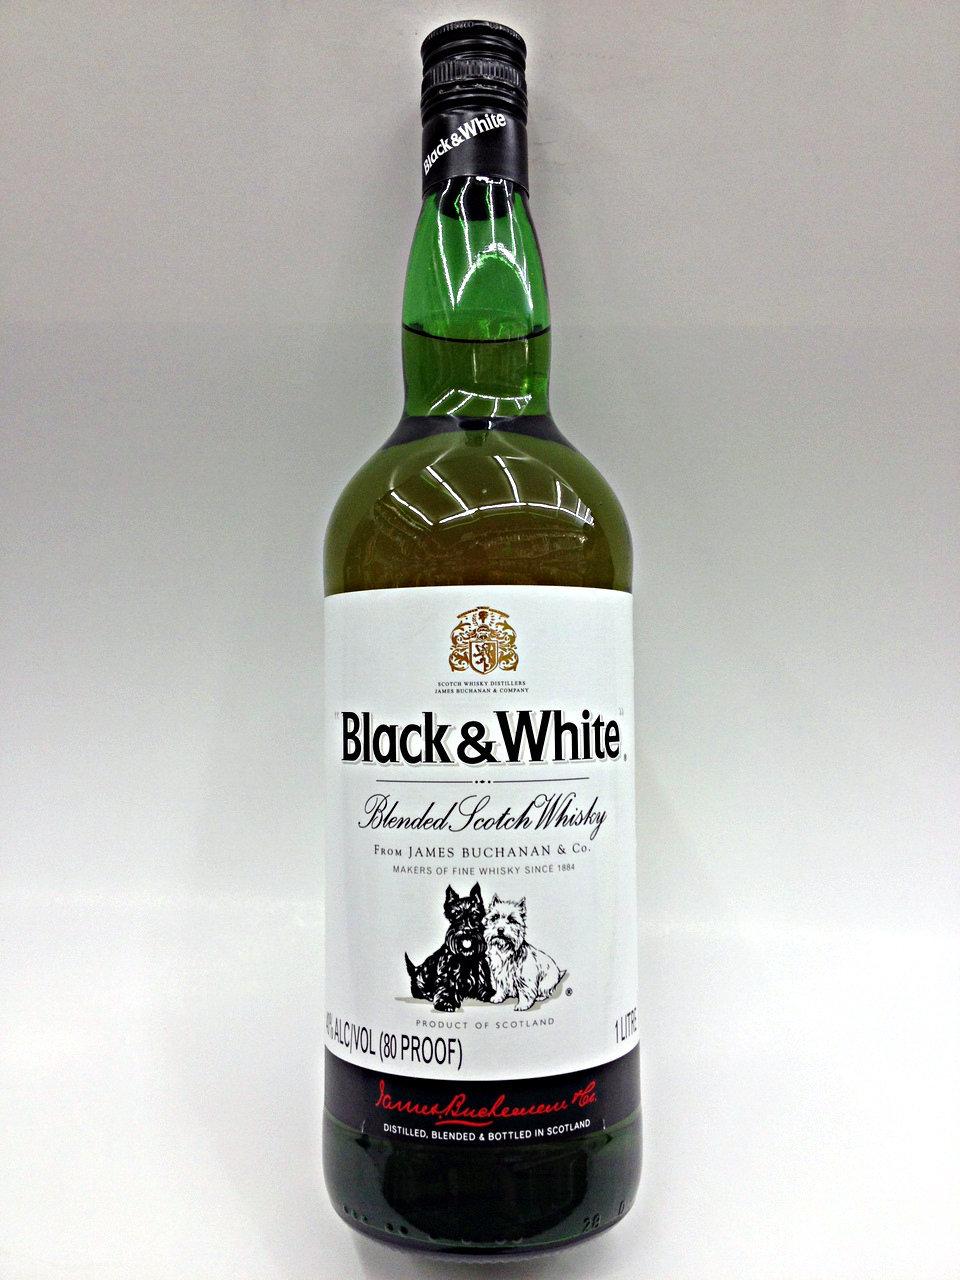 Black & White Scotch Whisky 0,7 liter für 9,99 Euro bei Aldi Nord